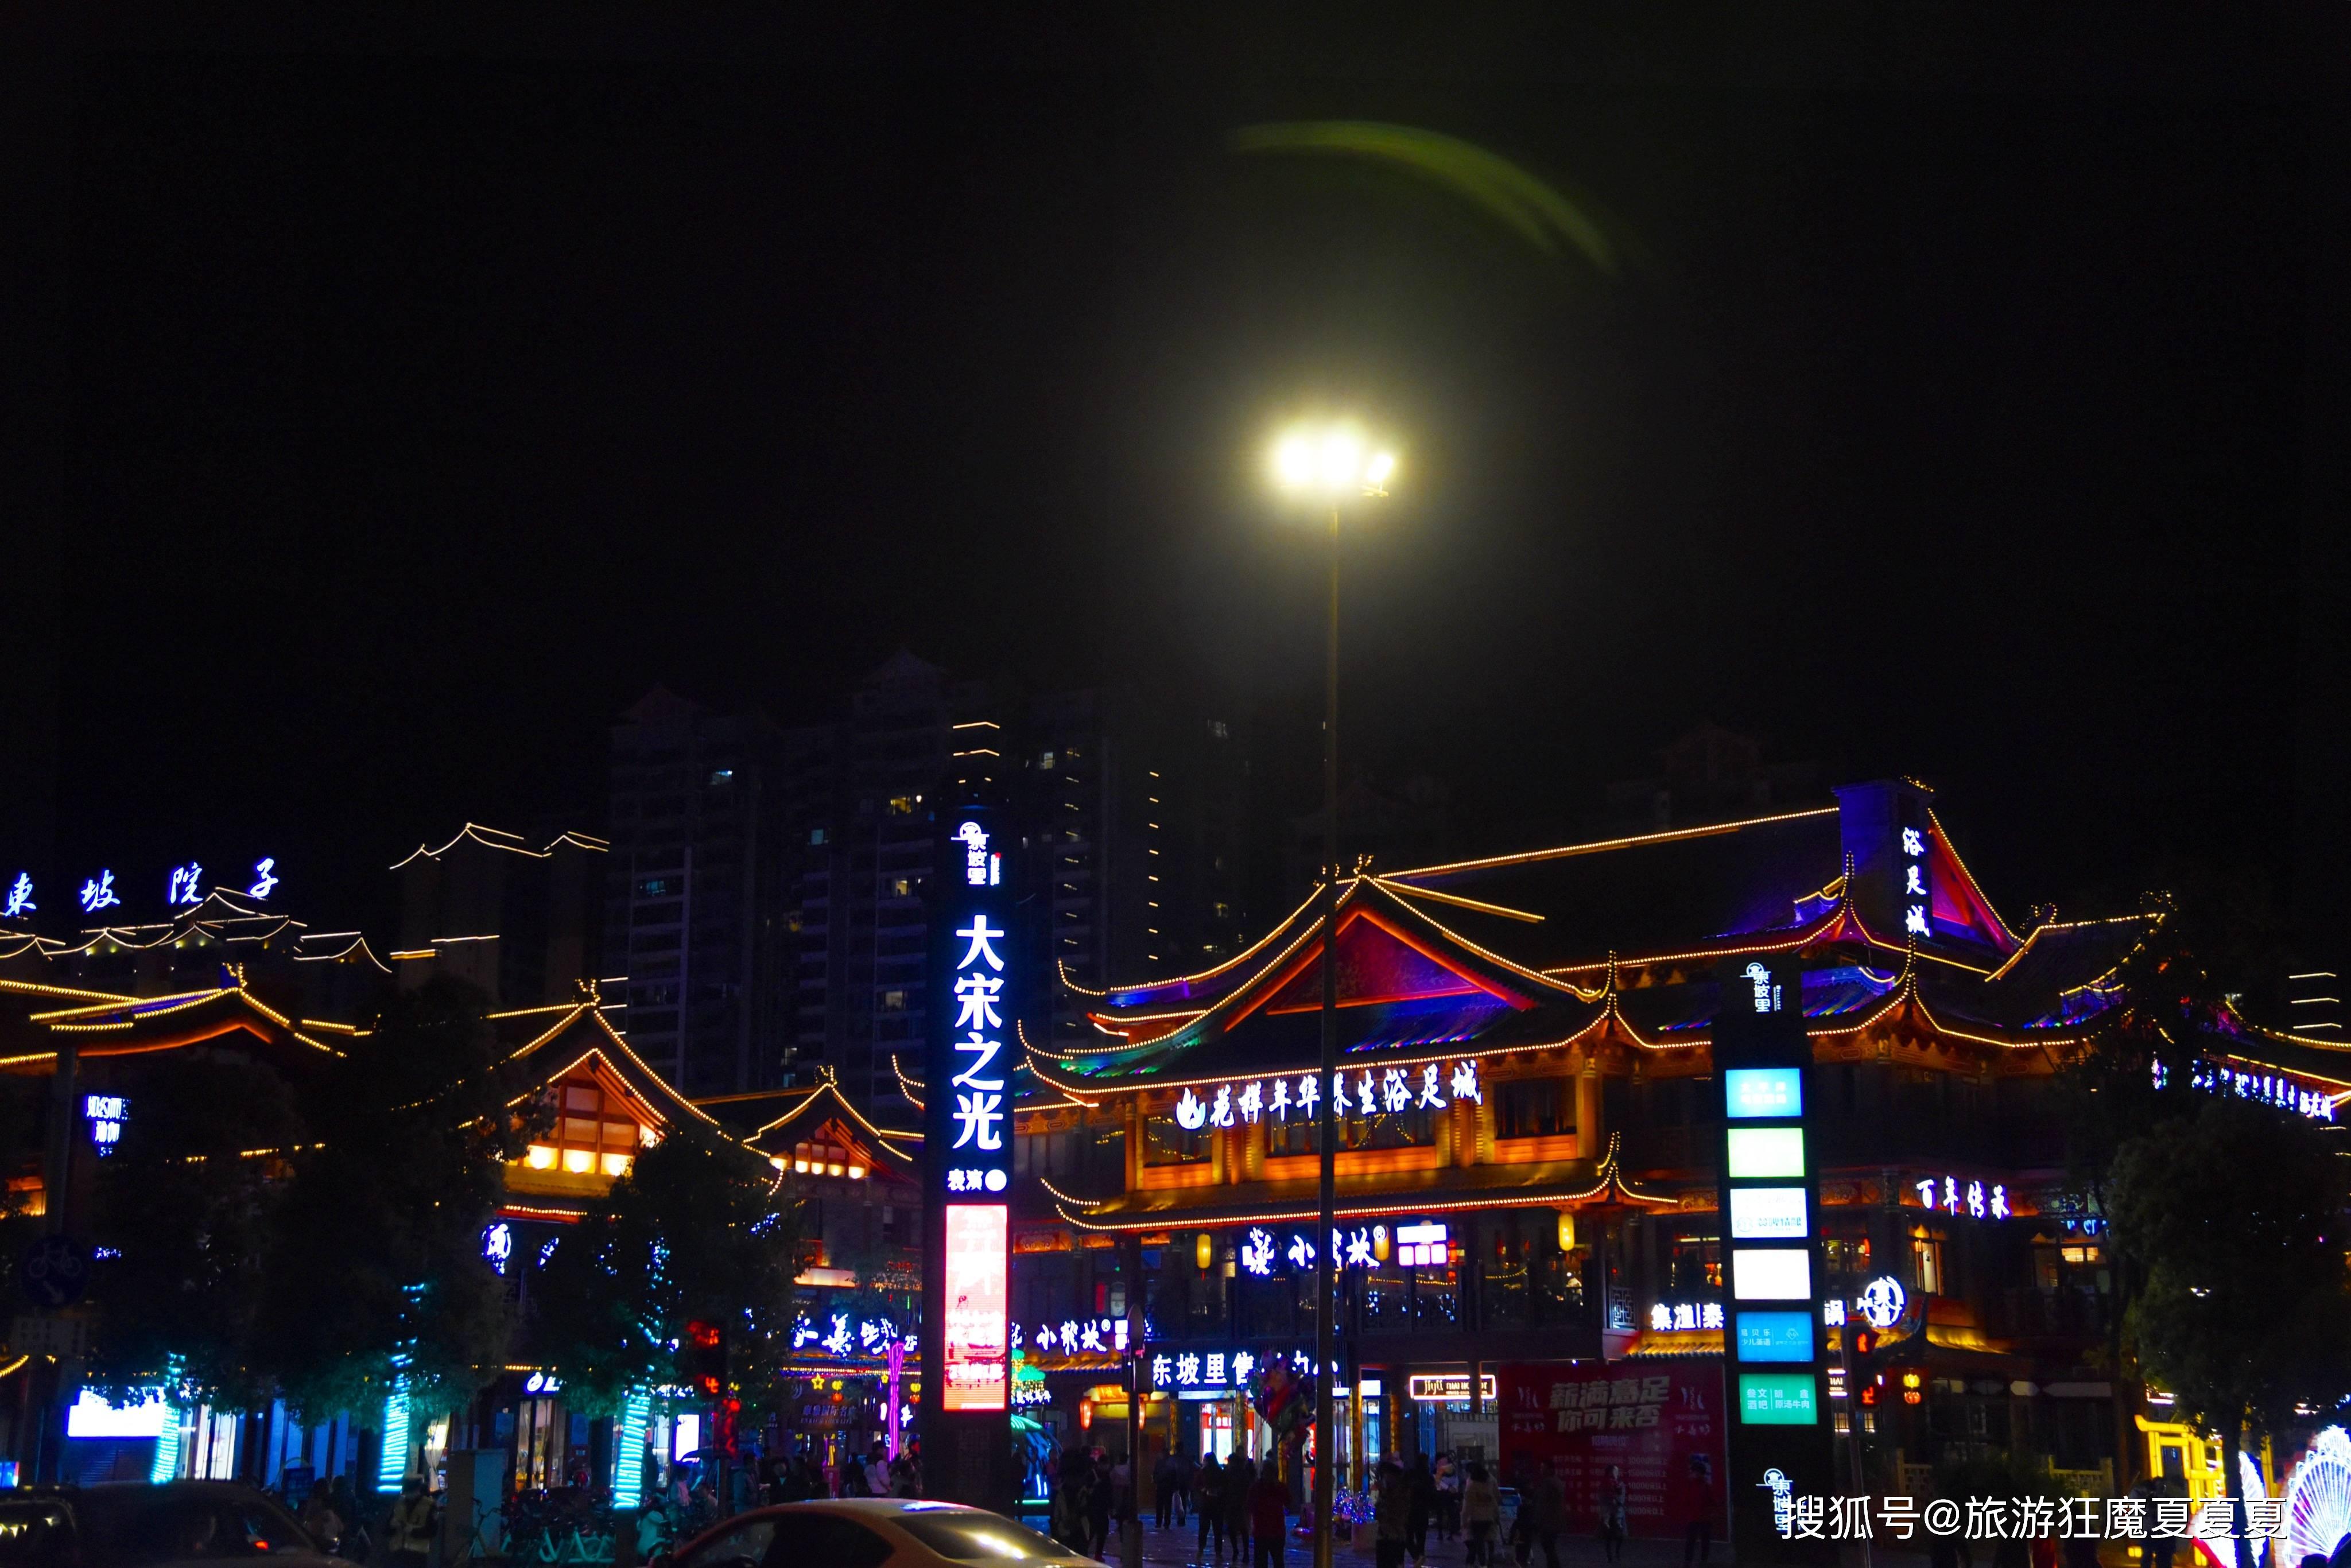 四川眉山的商业中心,每天堵得水泄不通,这条街究竟有什么魅力?